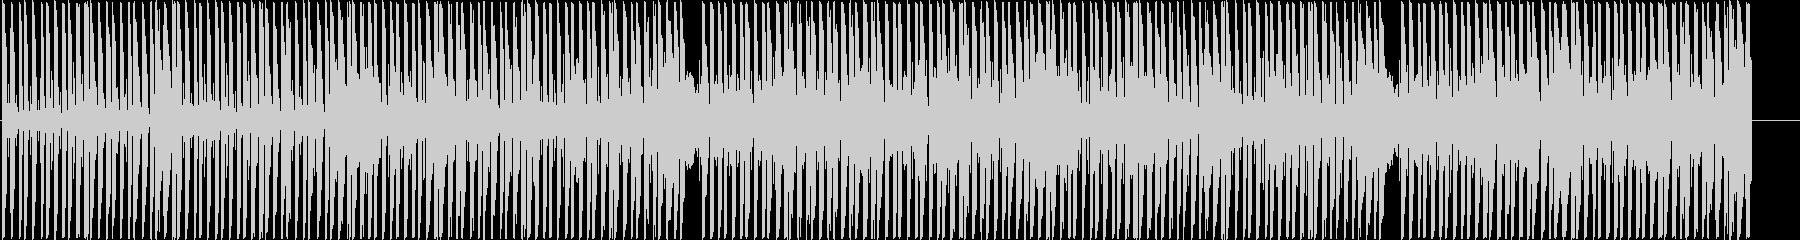 明るいダンスホールレゲエ アフロビートの未再生の波形